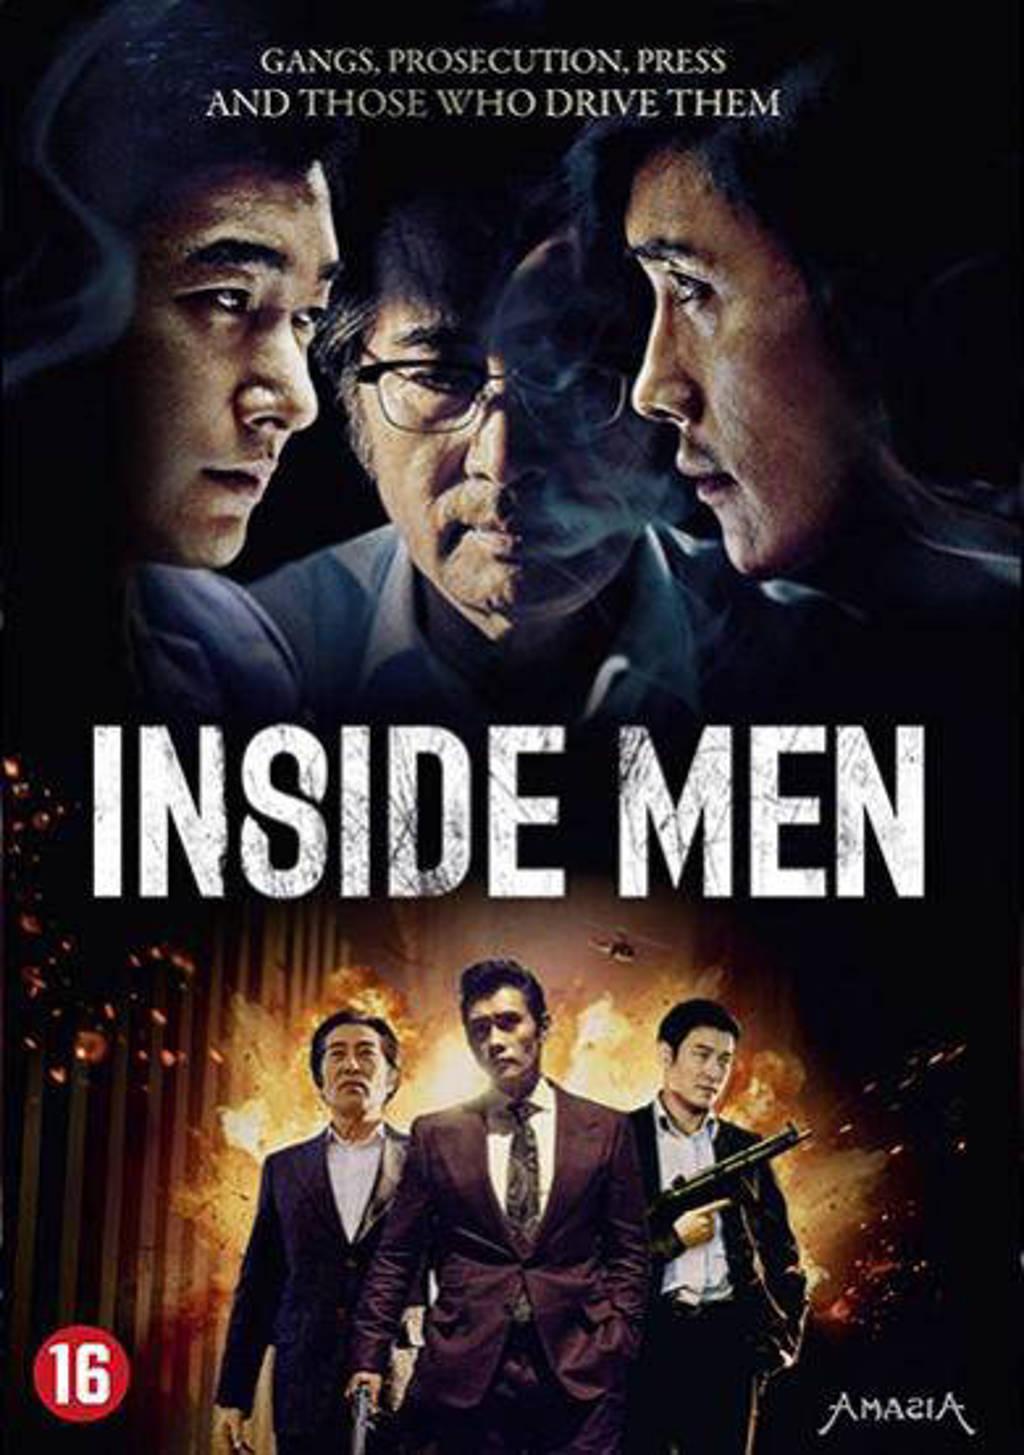 Inside men (DVD)